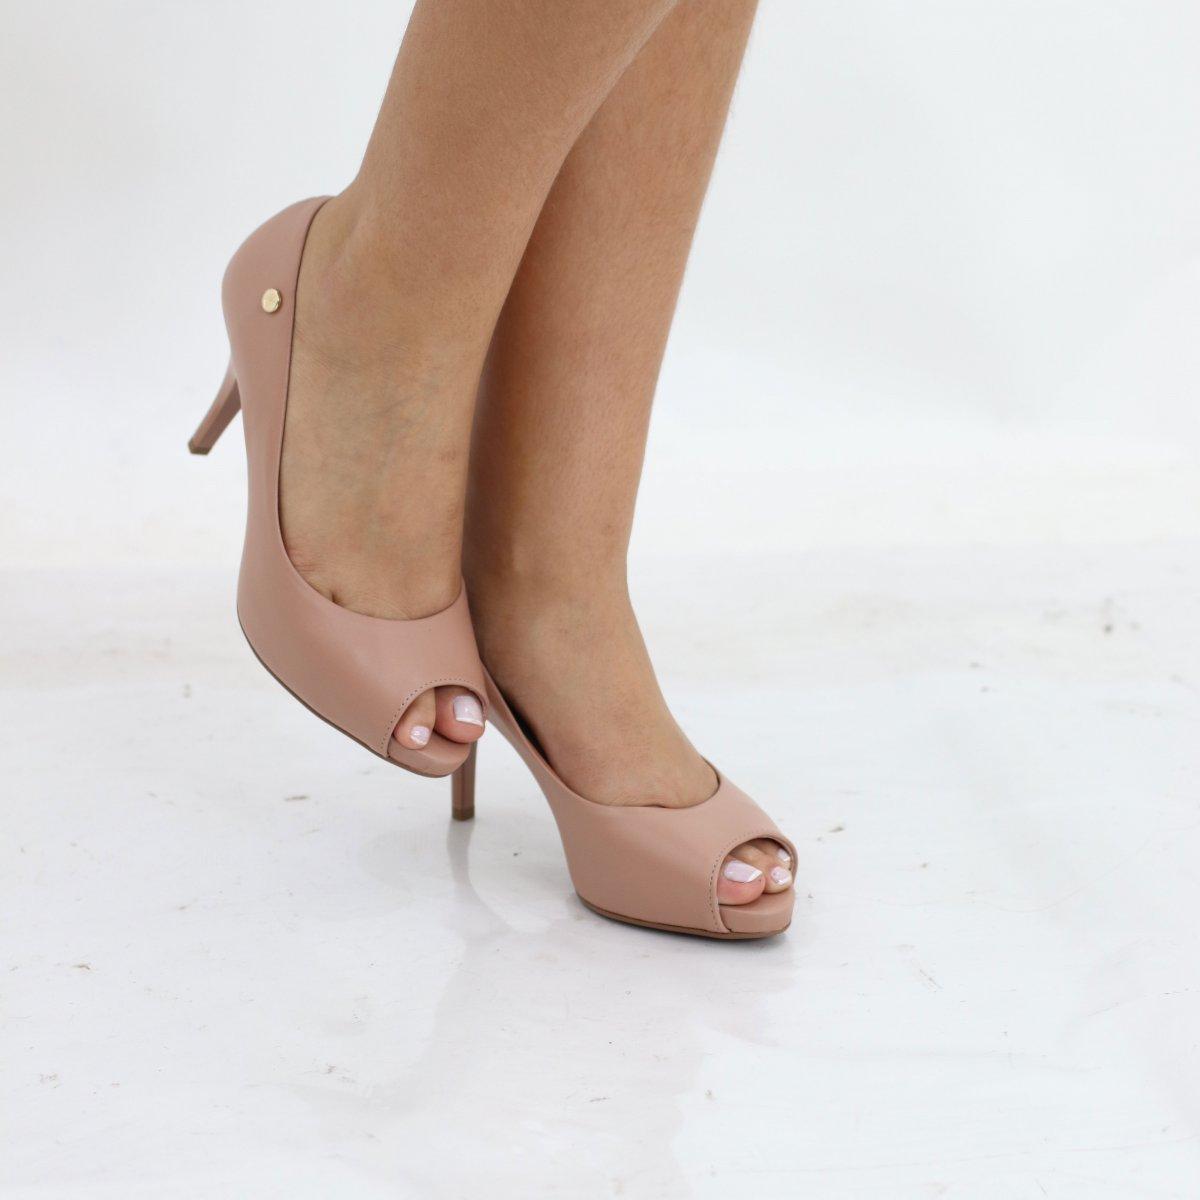 826e5fdba Sapato Peep Toe Salto Alto Vizzano Pelica Nude - MM Concept